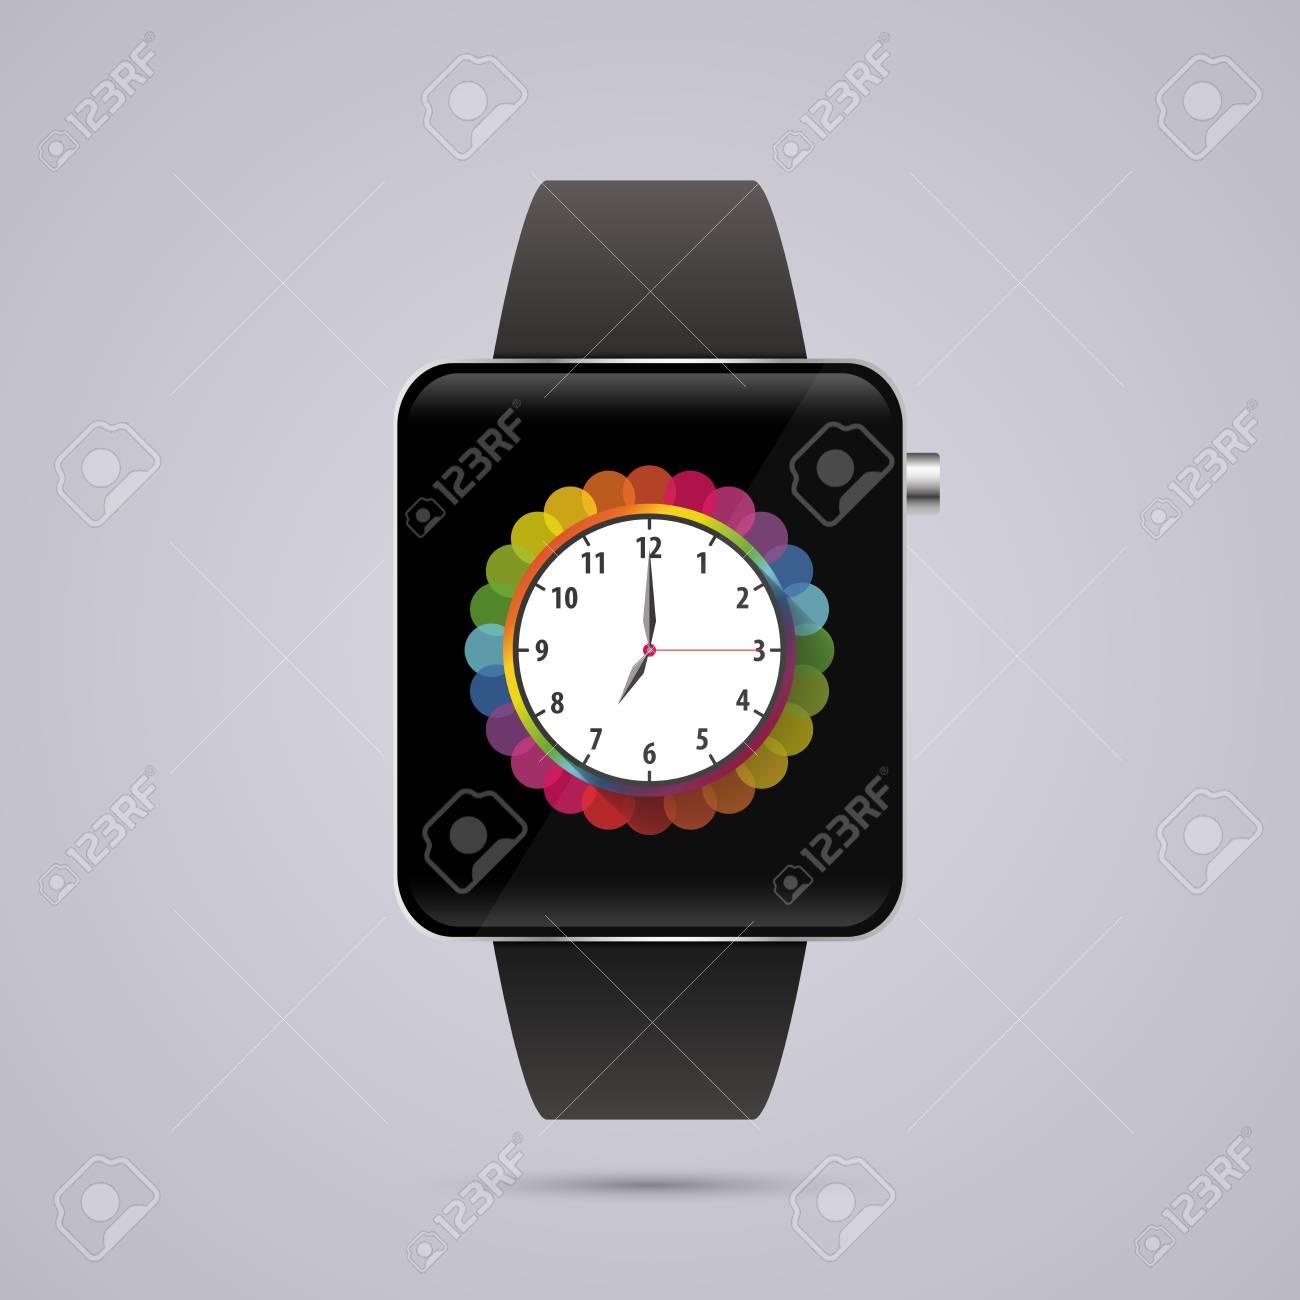 los Angeles 179c2 3ff6c Reloj inteligente moderno. Plantilla de reloj digital. Ilustración vectorial